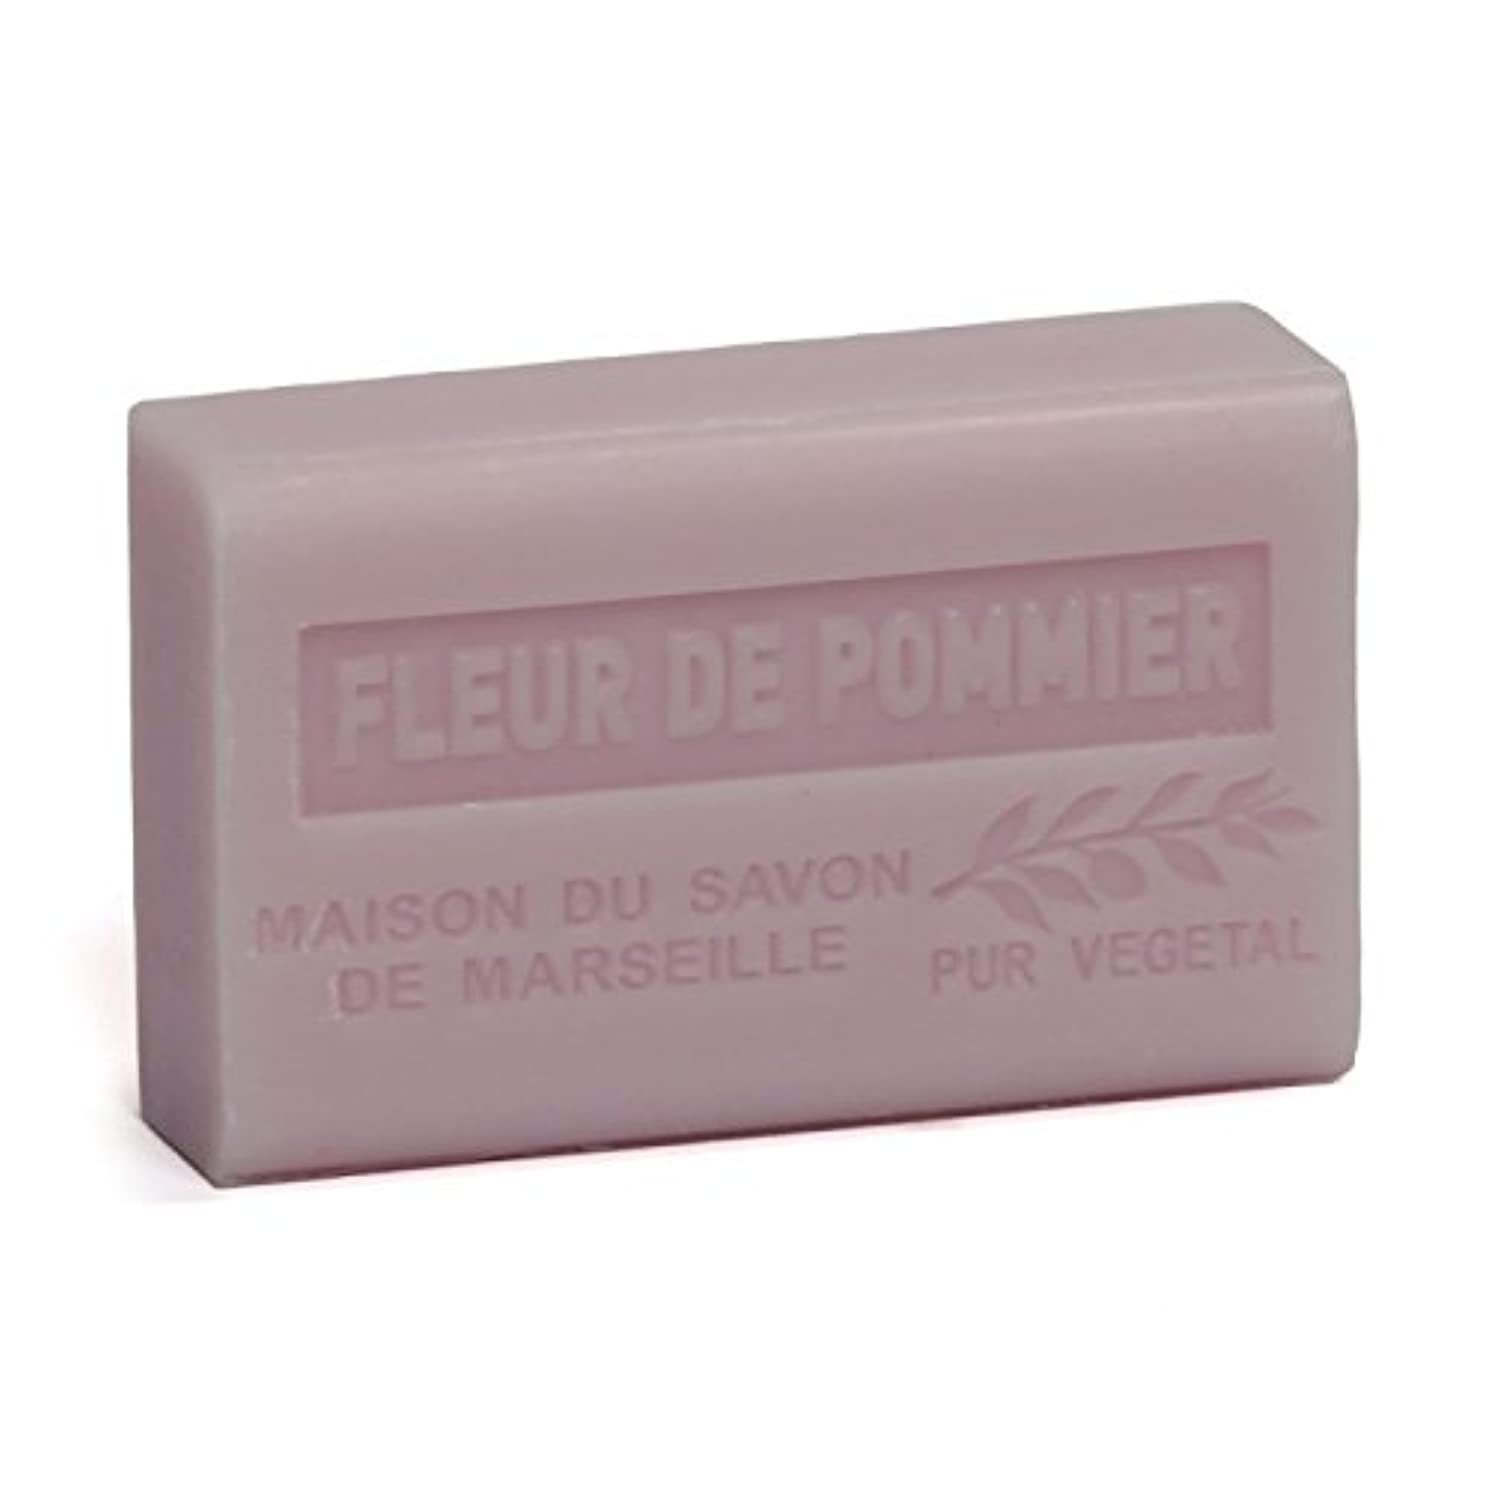 履歴書ピース羊飼いSavon de Marseille Soap Apple Blossom Shea Butter 125g